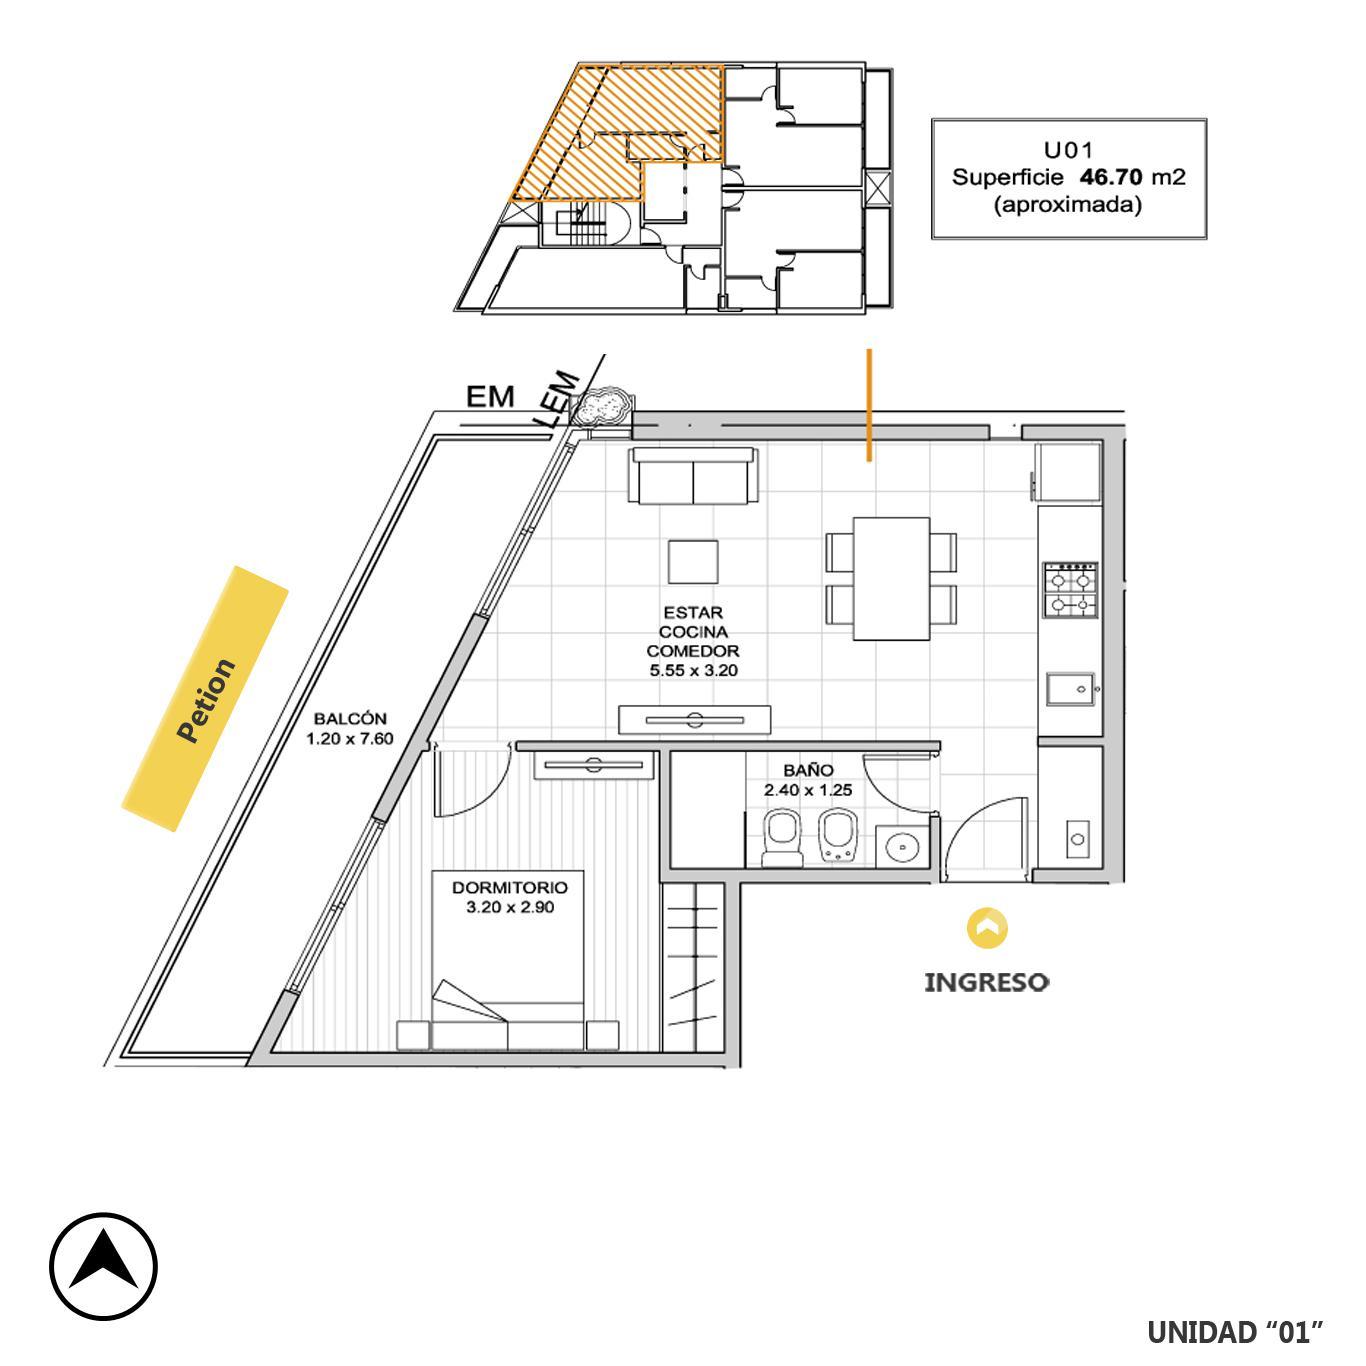 Venta departamento 1 dormitorio Rosario, Remedios De Escalada De San Martin. Cod CBU23216 AP2197210. Crestale Propiedades